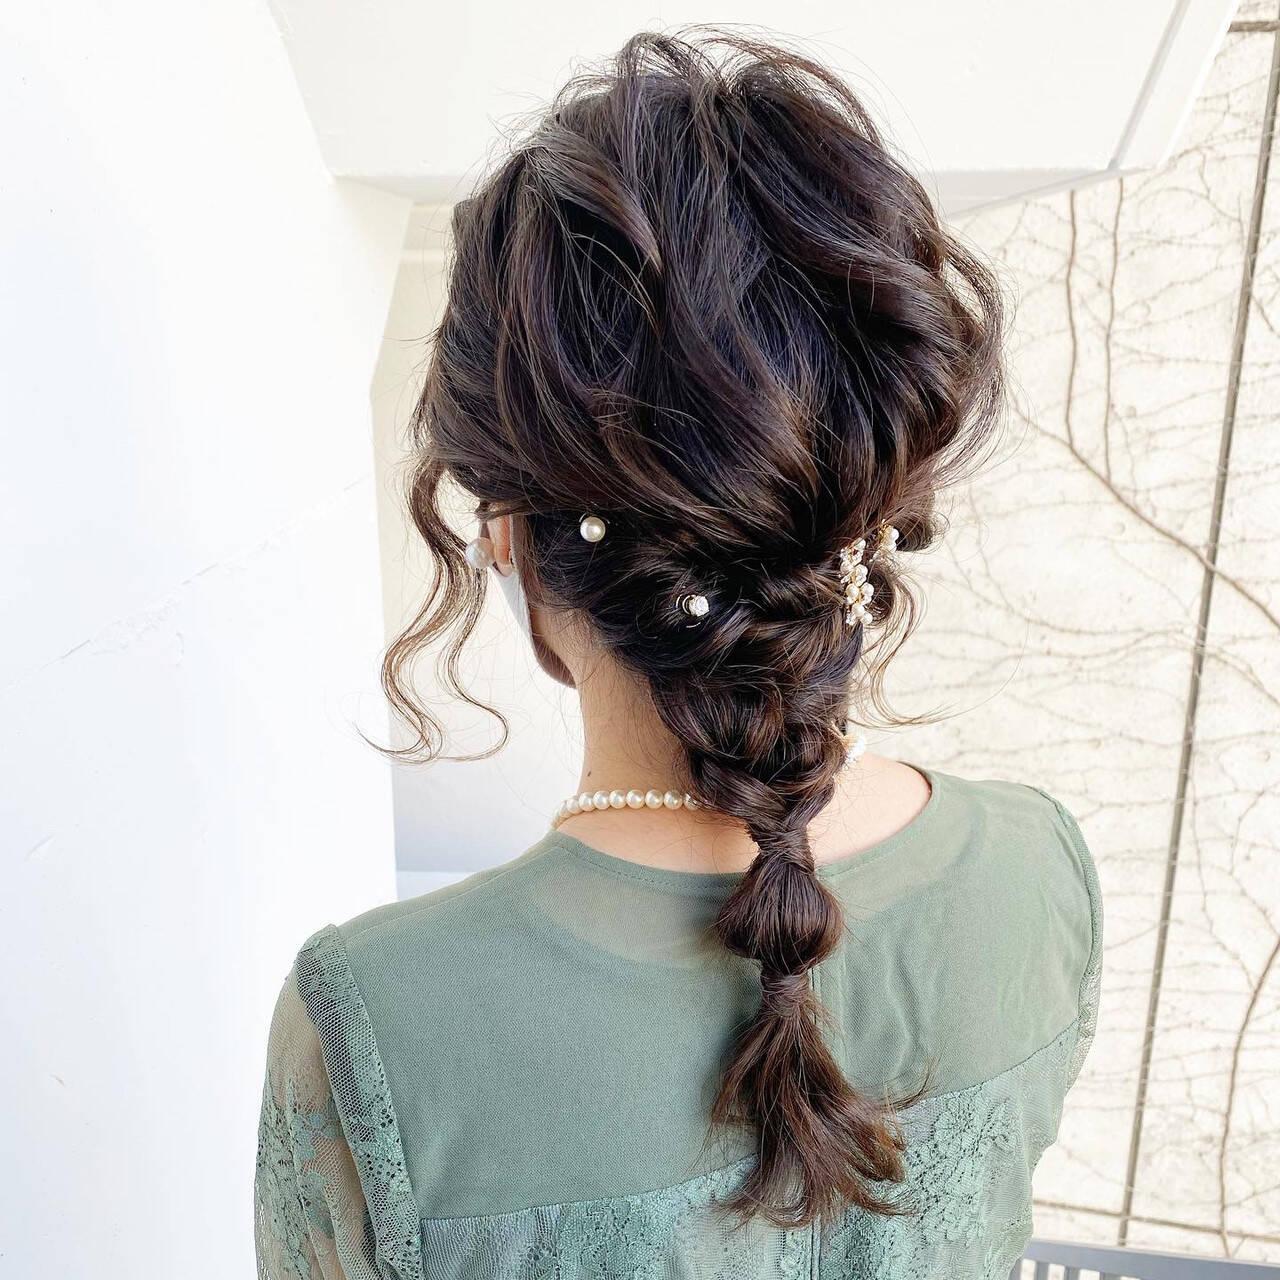 フェミニン ゆるふわ ヘアアレンジ 編み込みヘアスタイルや髪型の写真・画像